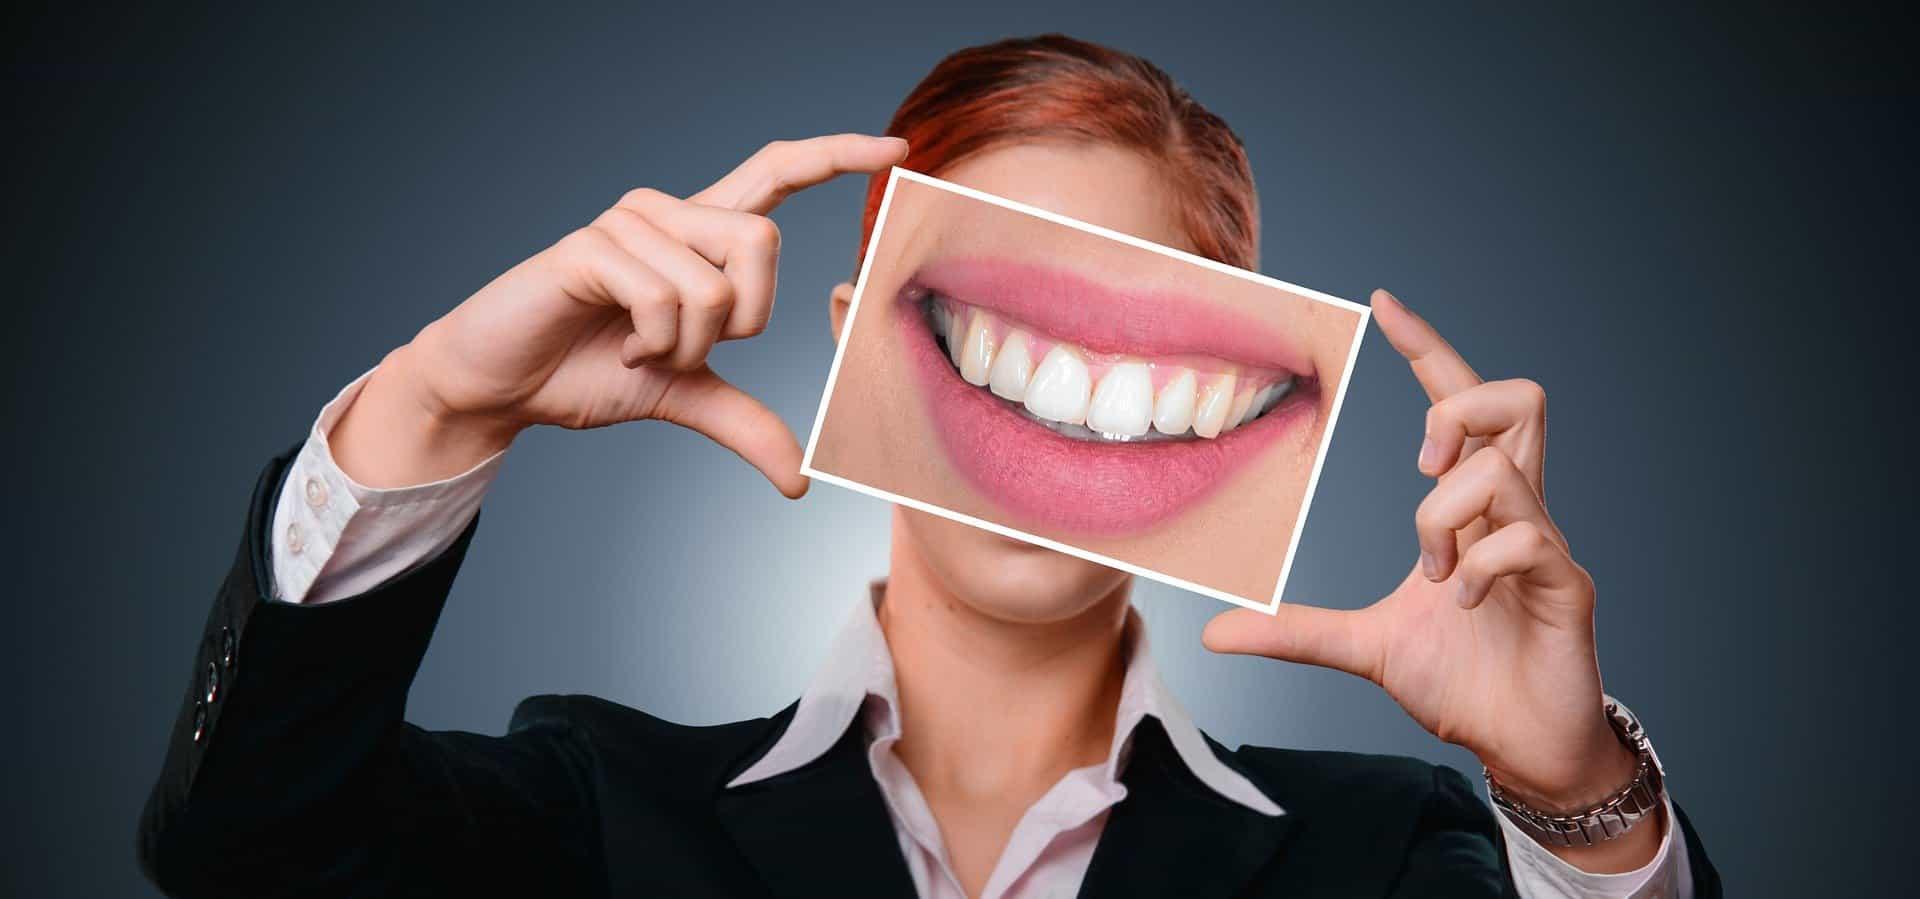 Ritrova il sorriso con l'implantologia a carico immediato